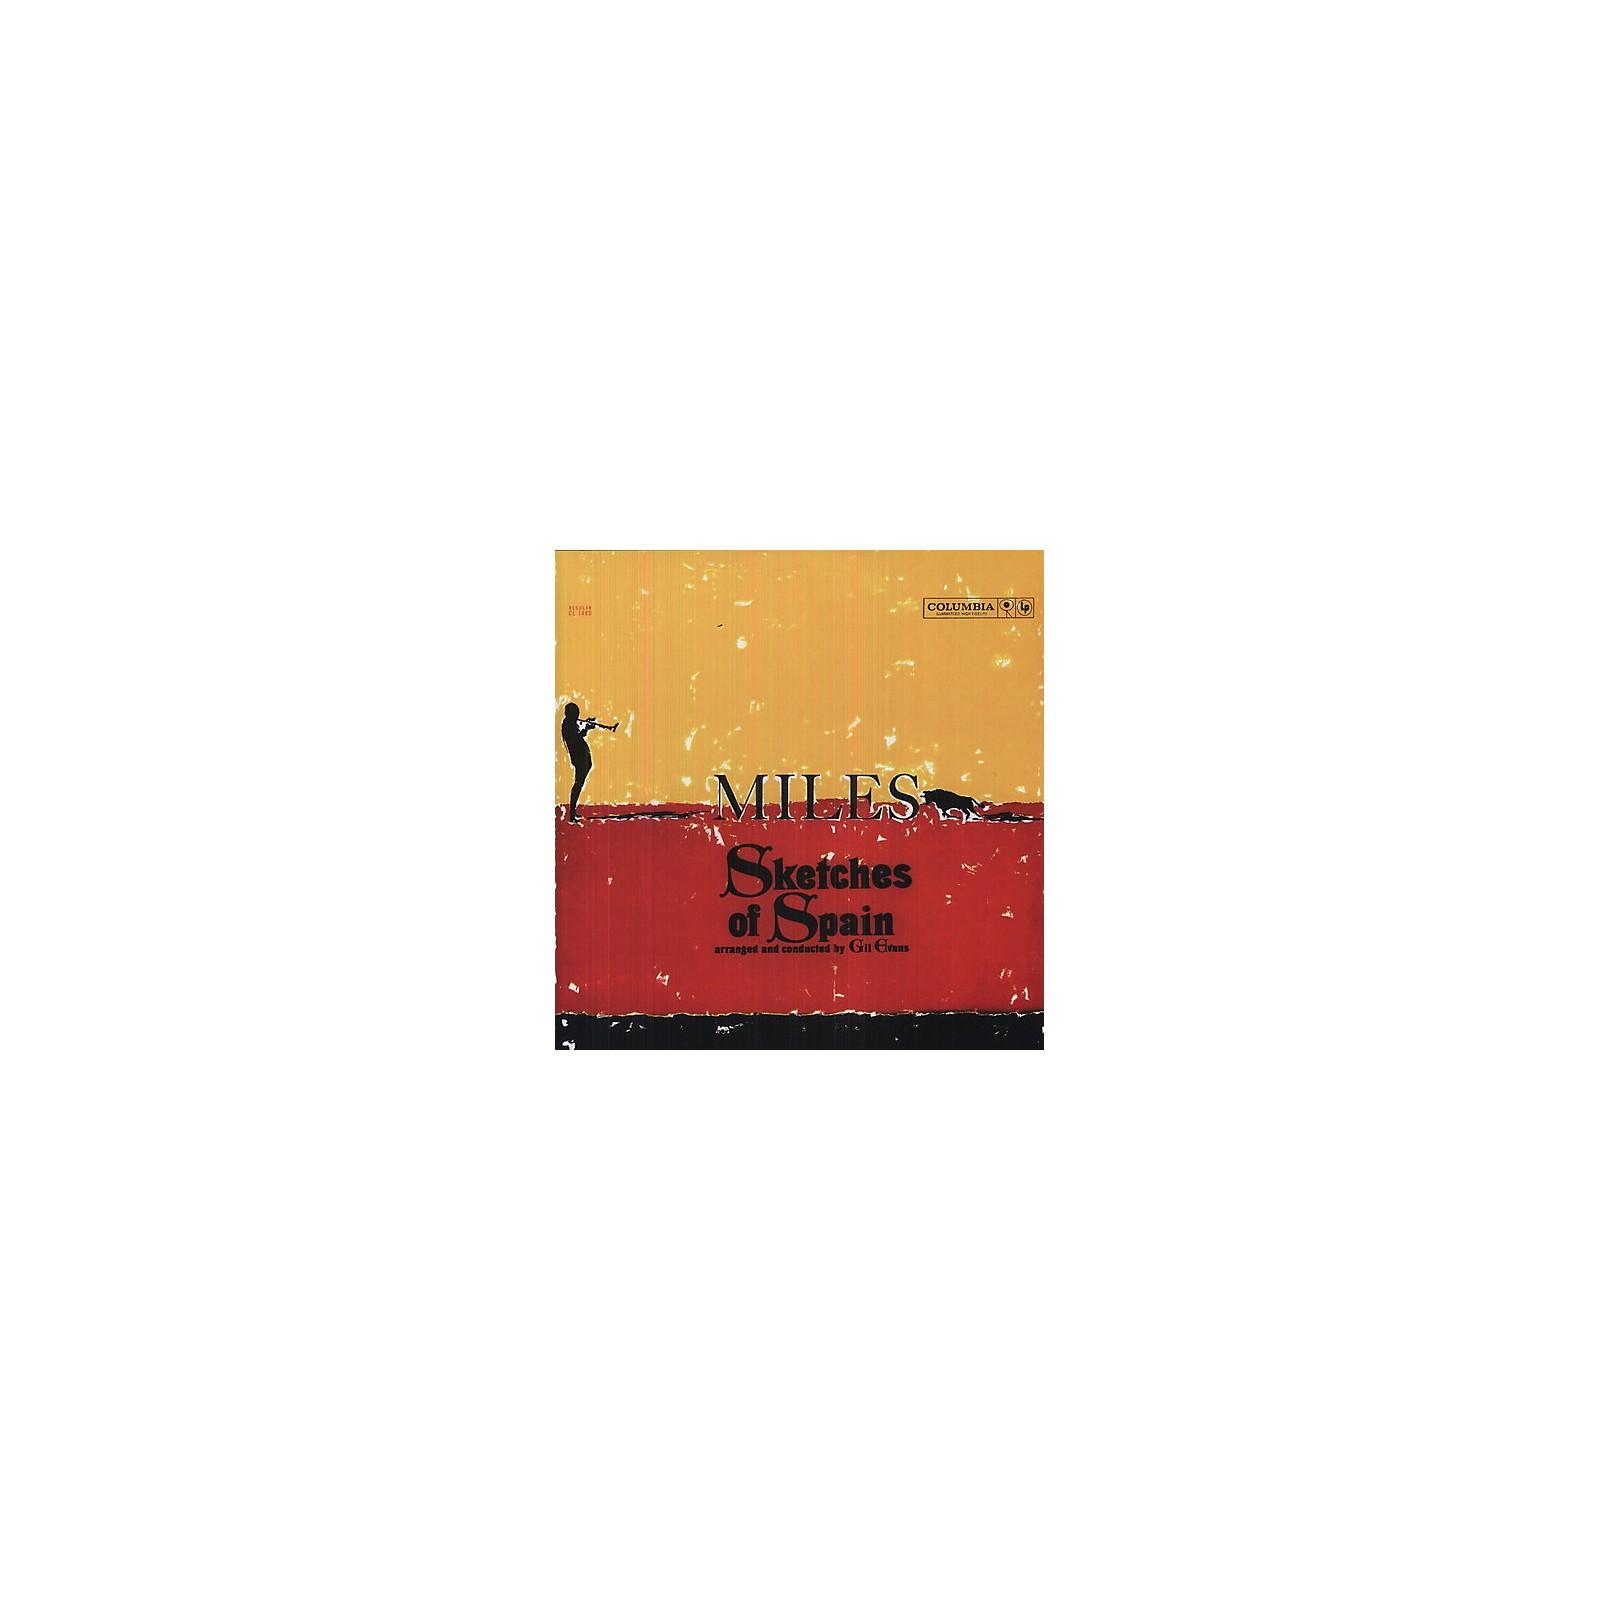 Alliance Miles Davis - Sketches Of Spain [Mono]